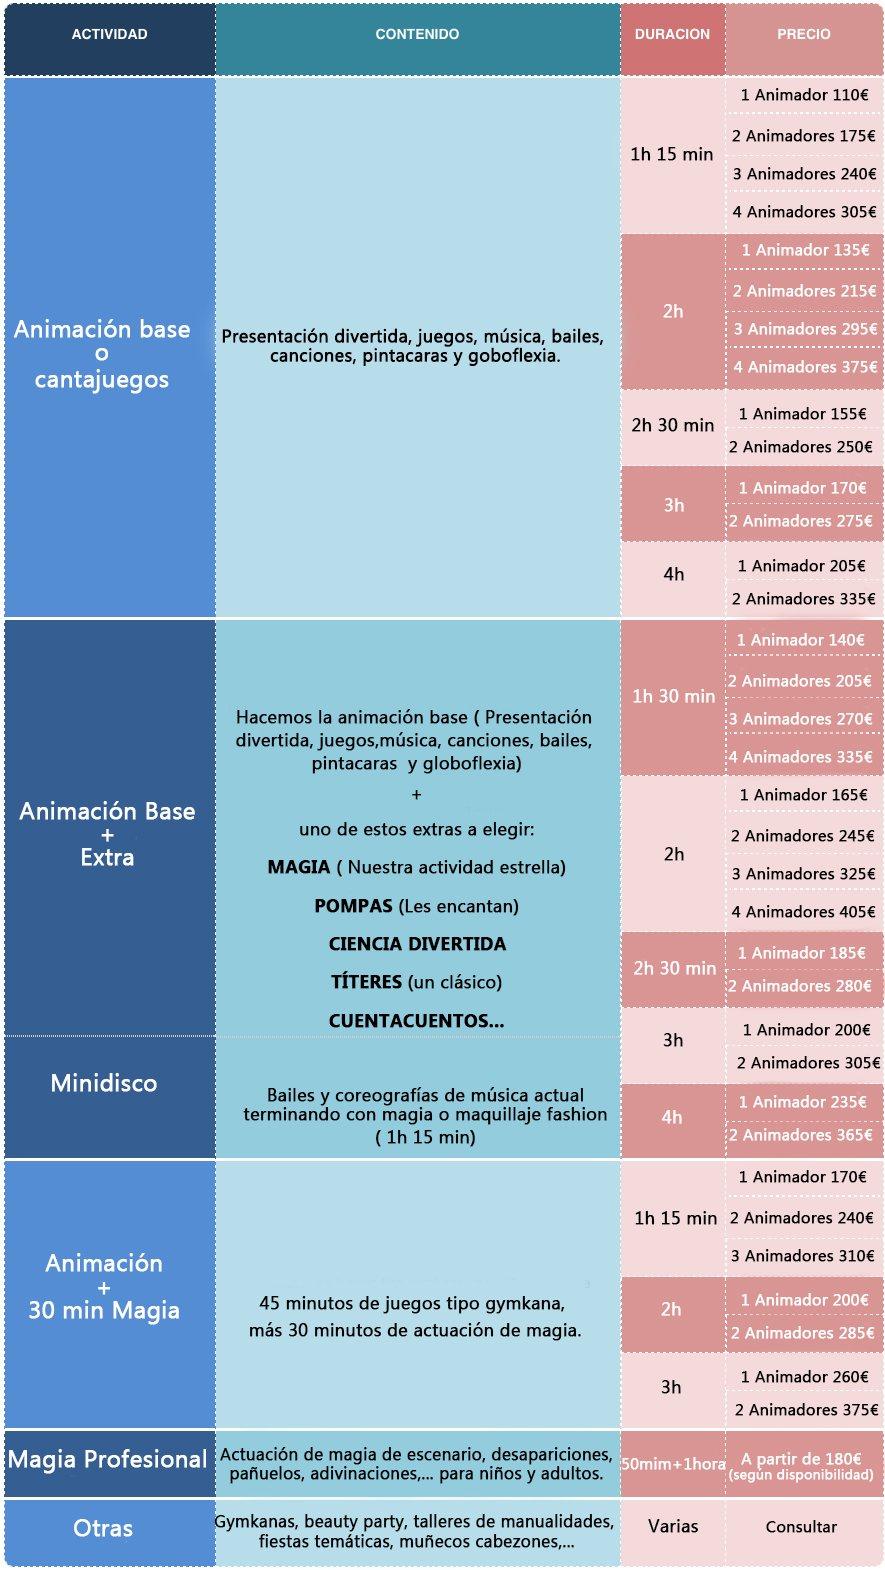 Tabla precios madrid NUEVA